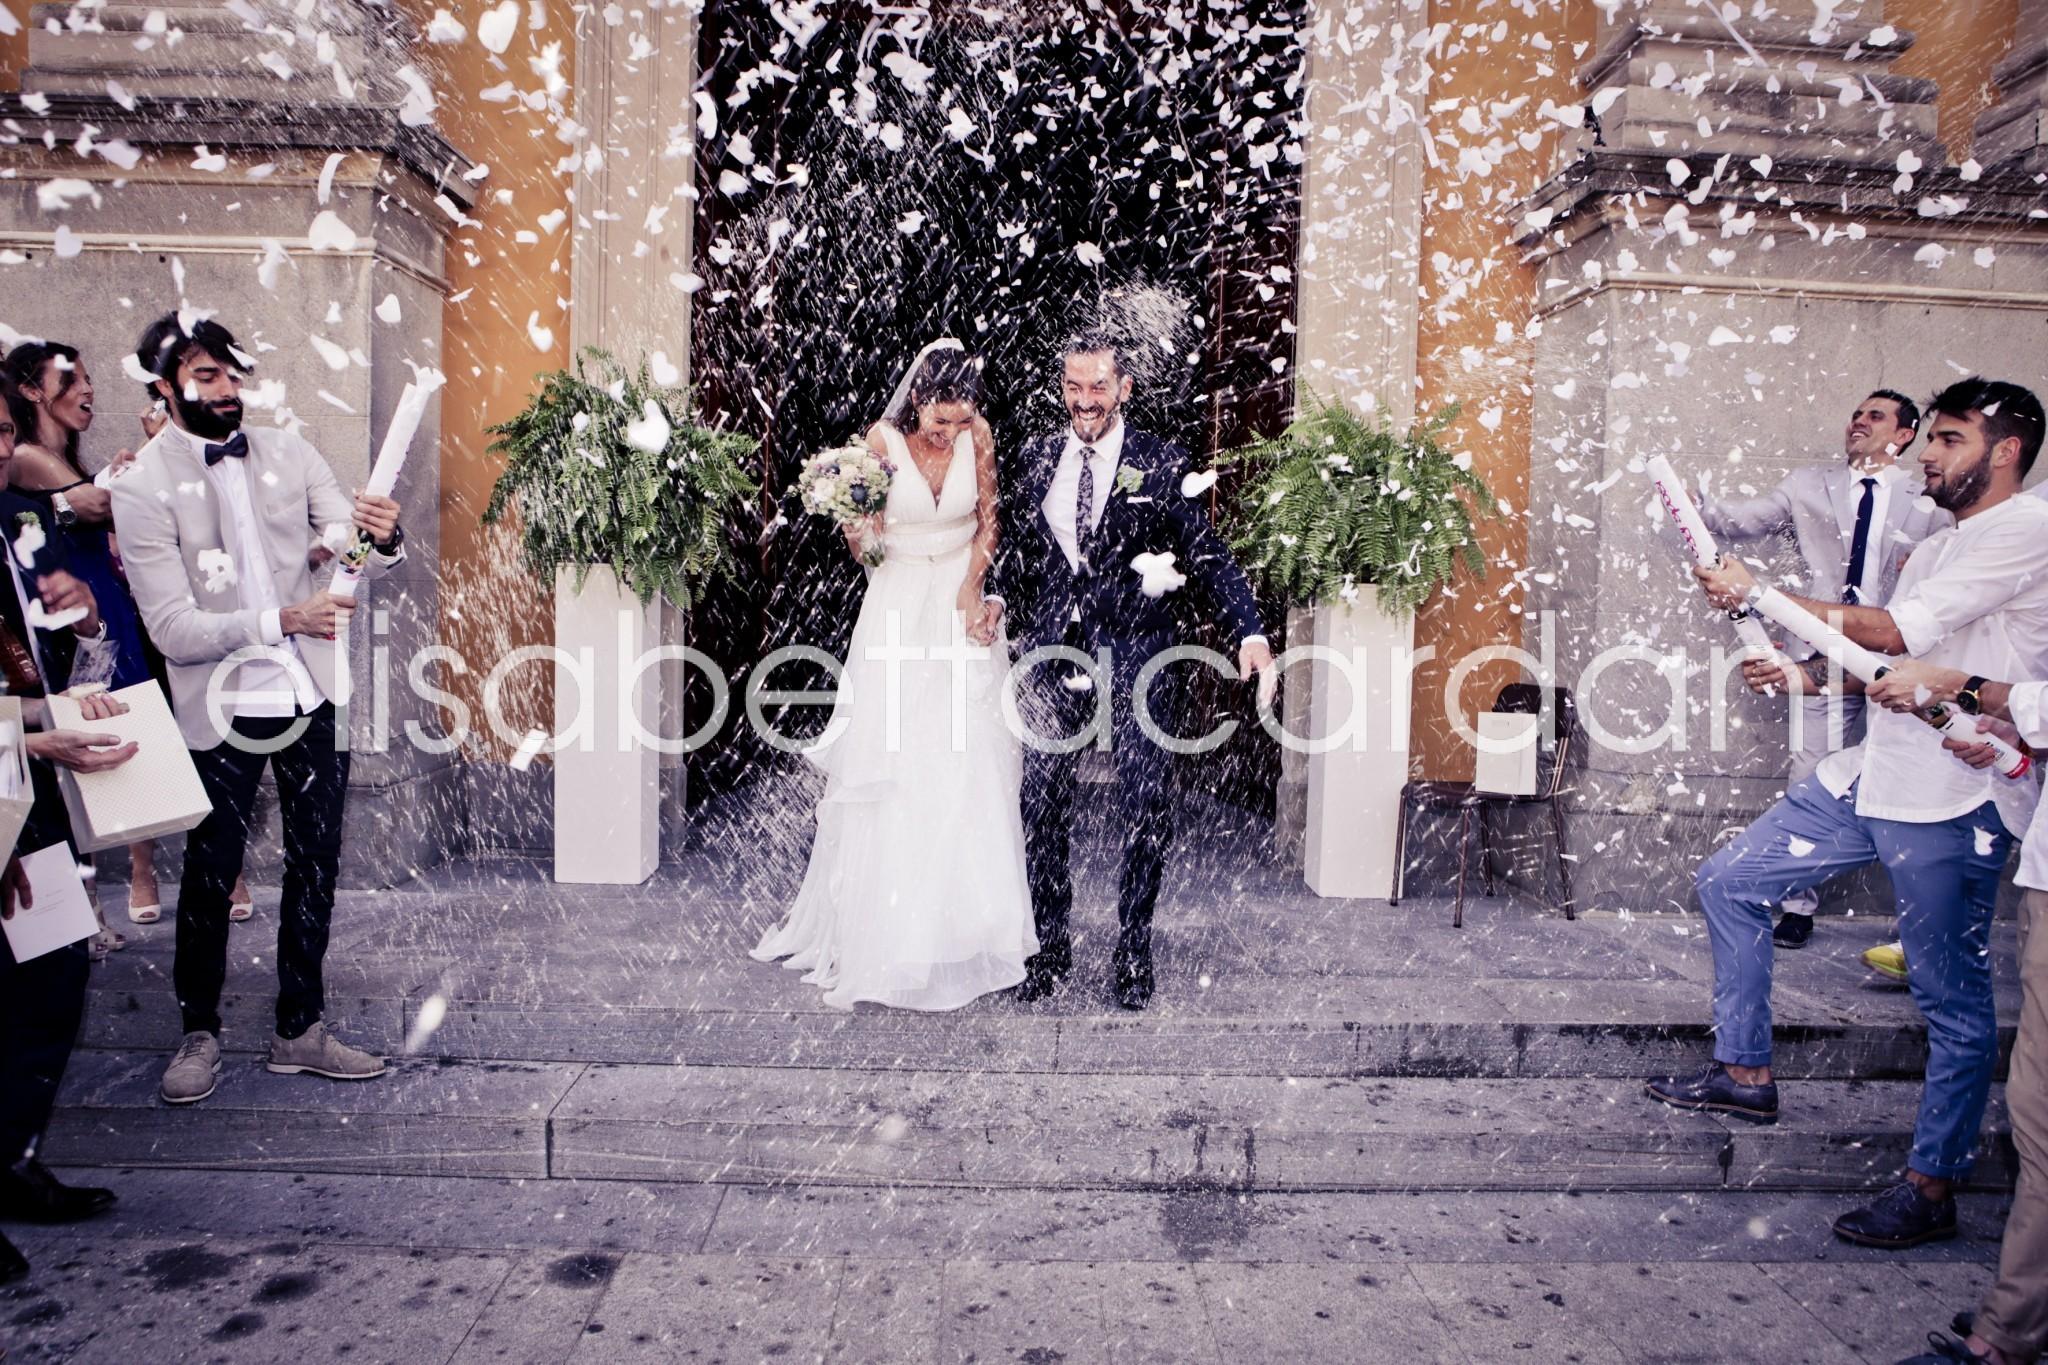 Matrimonio In Campagna : Matrimonio in una bella casa di campagna